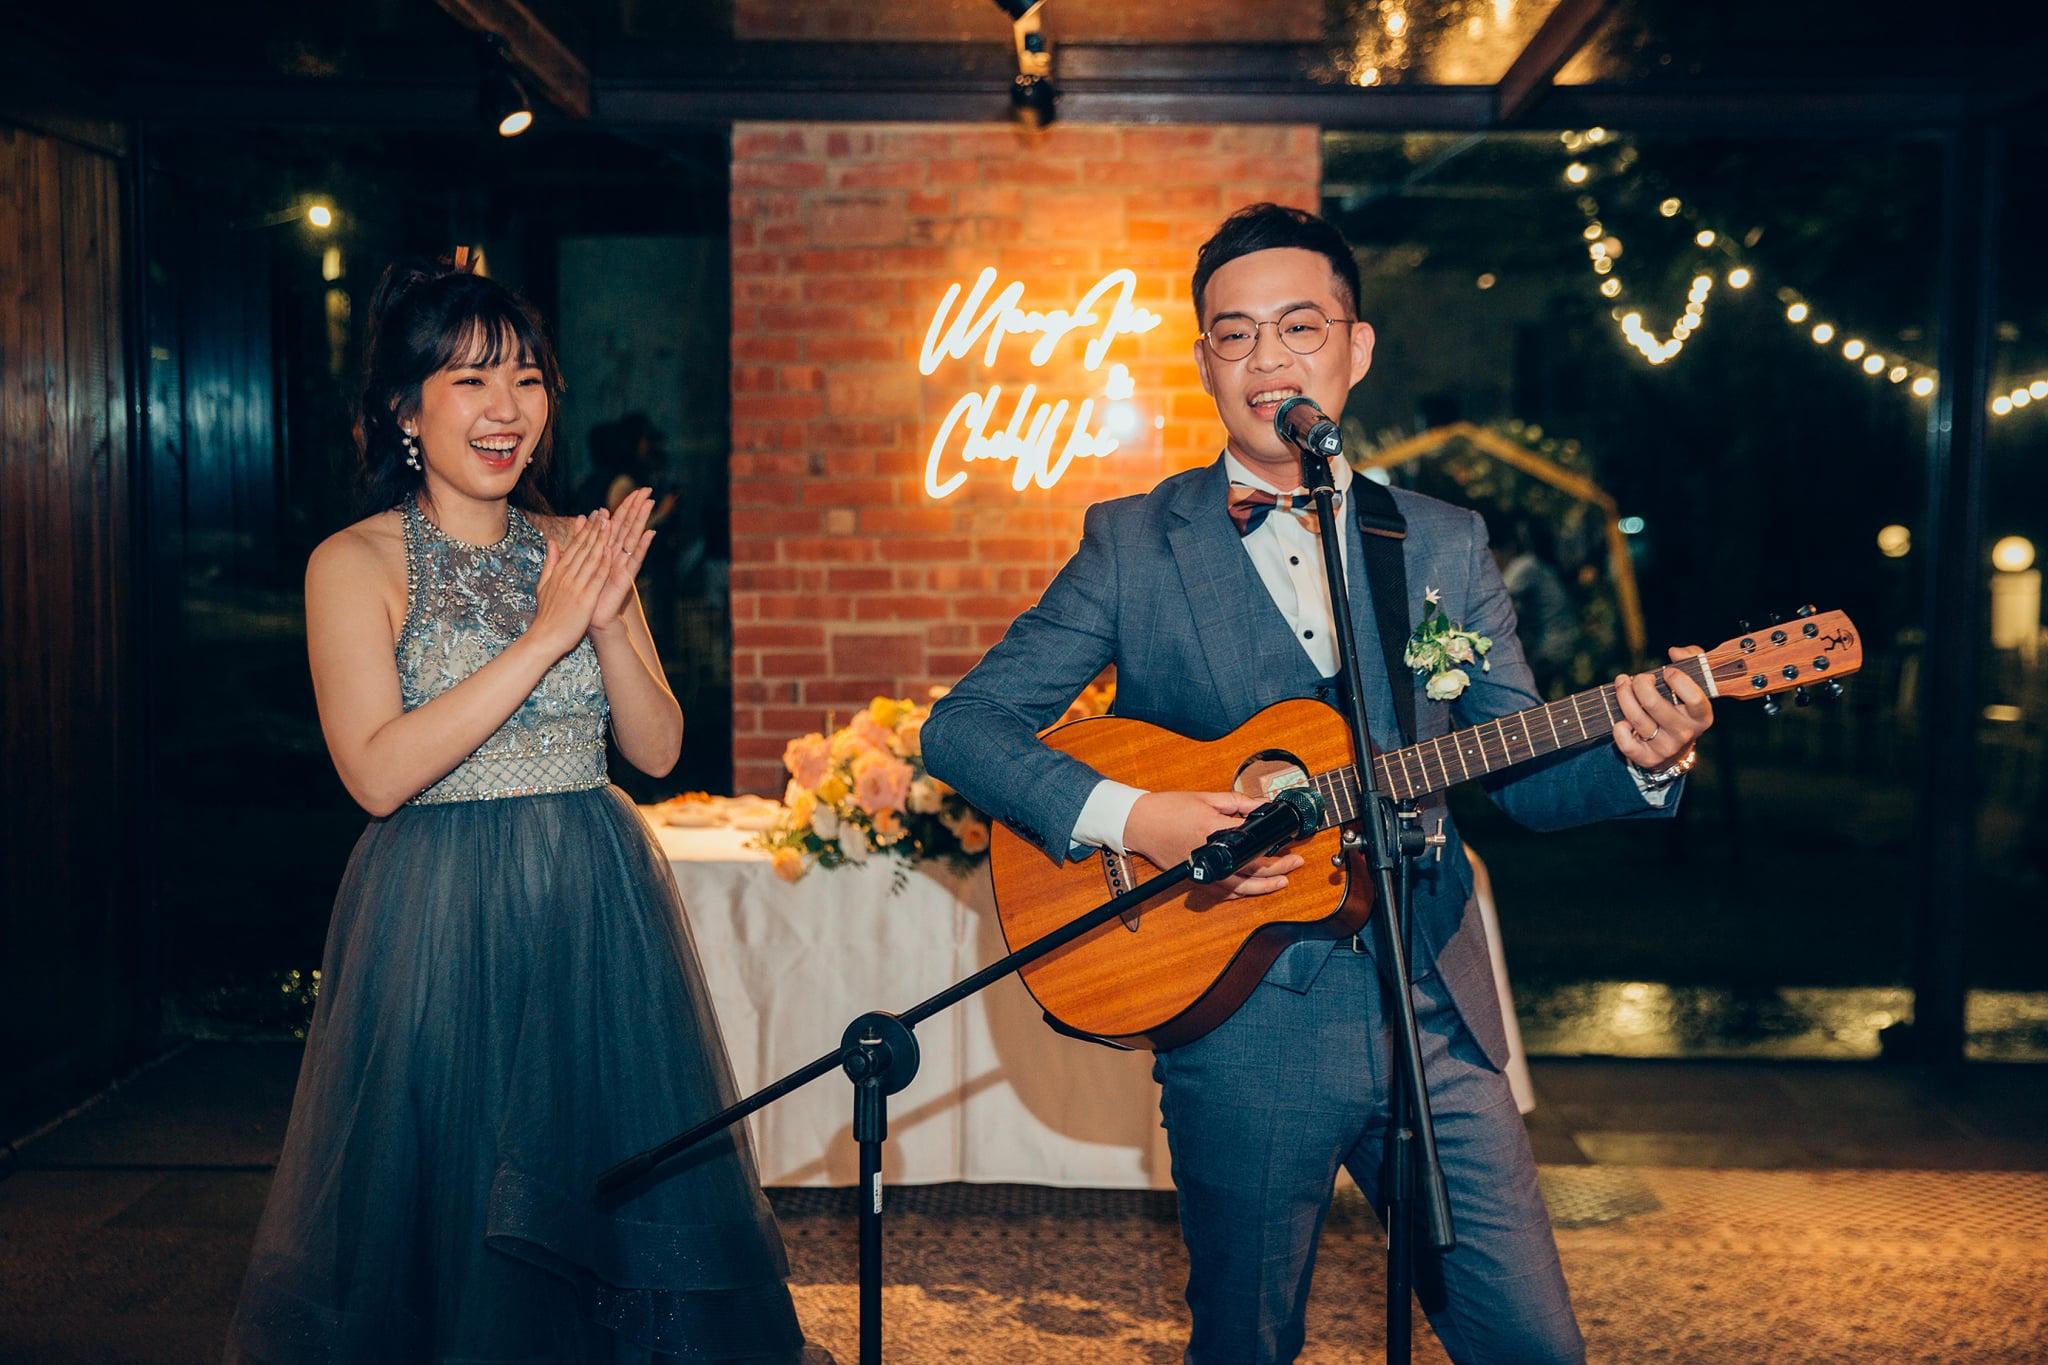 ChihWei & MengJie|瑪莎計畫婚禮主持人|婚禮顧問|婚禮企劃|婚禮服務